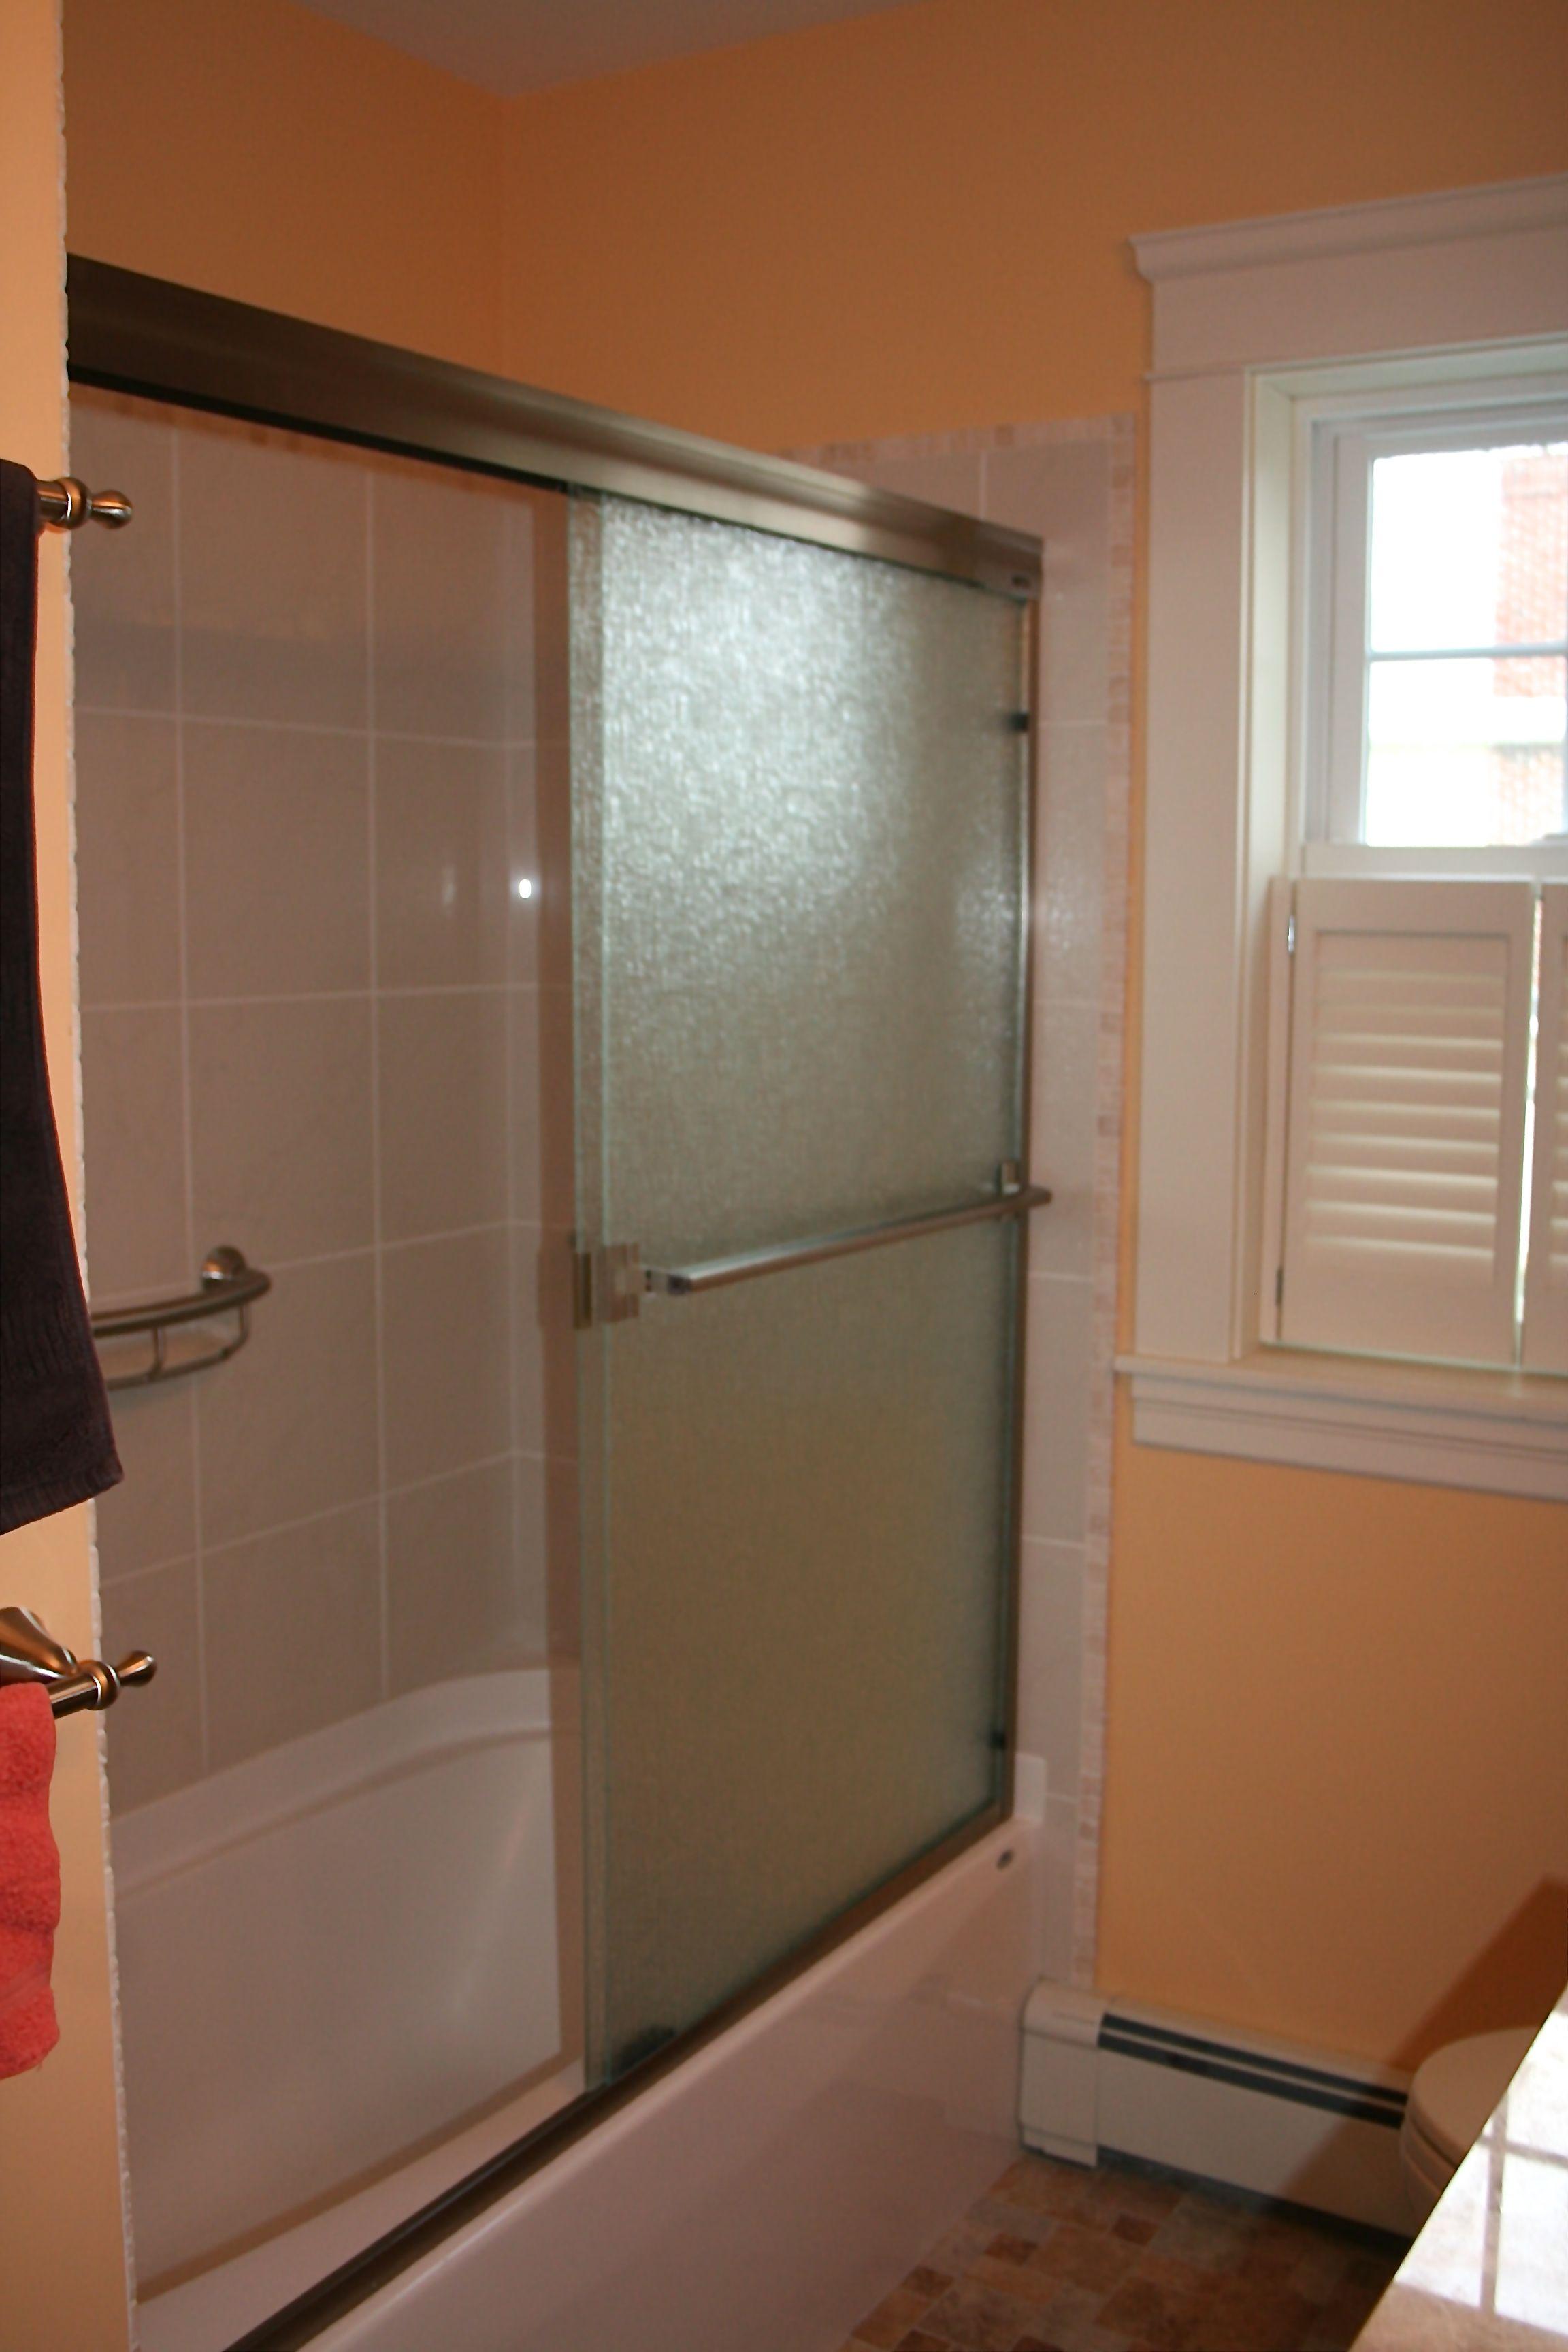 Aker bathtub,Basco Sliding door,Travertine tiled shower ...